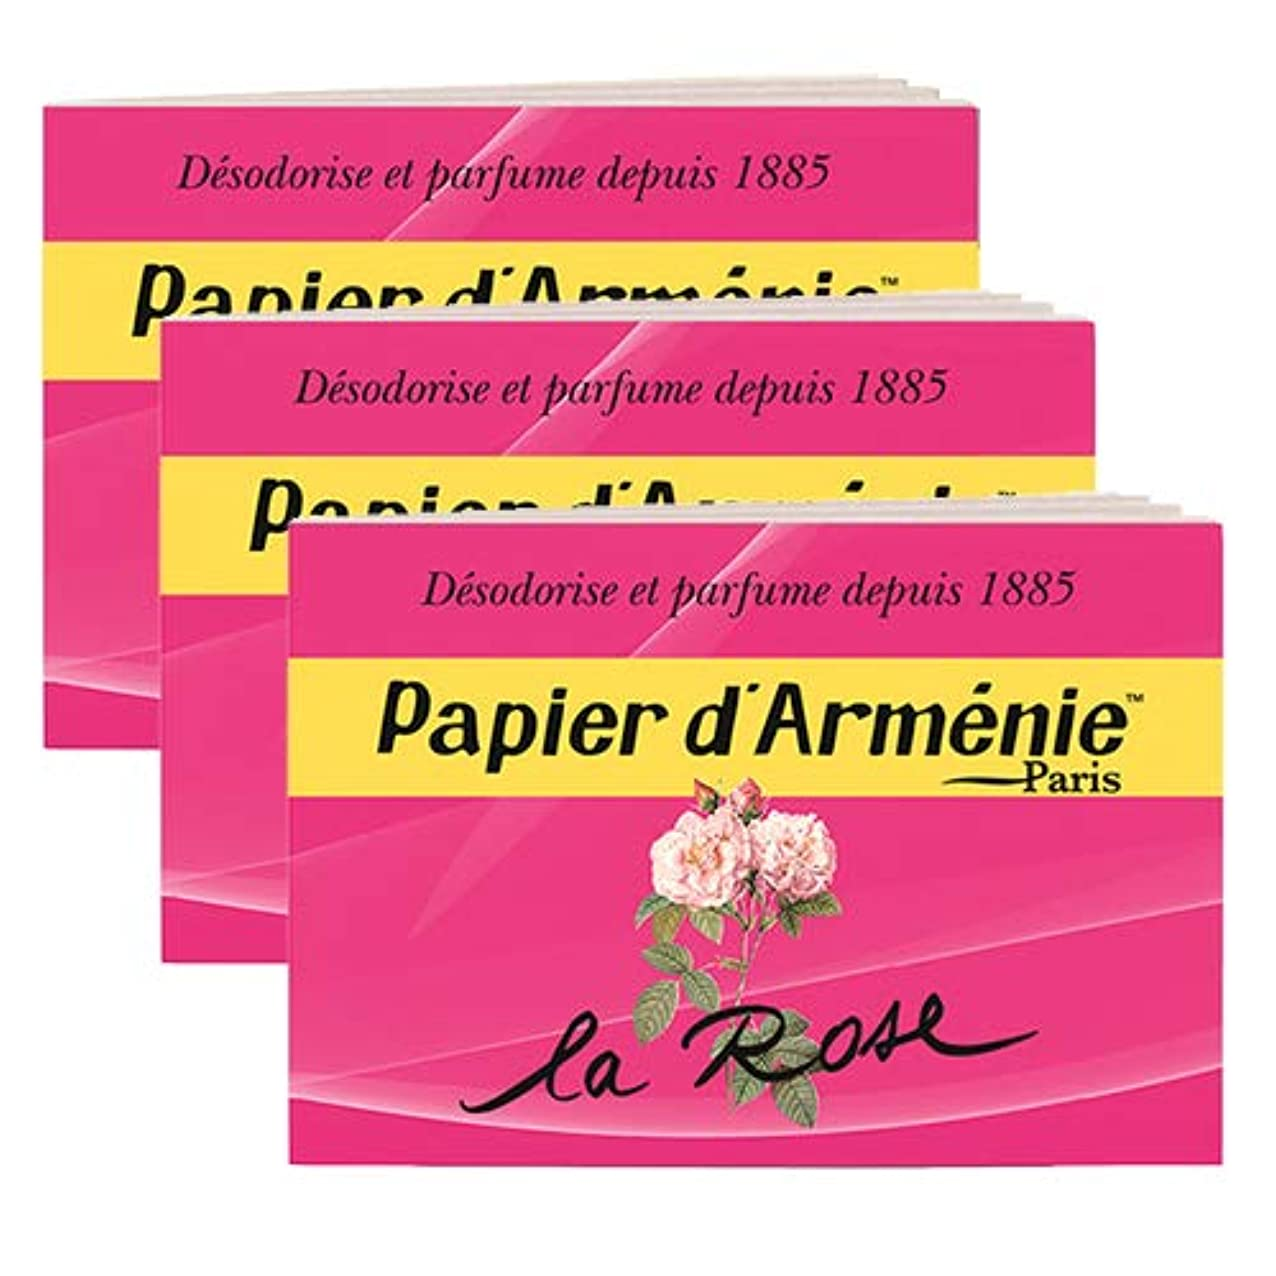 アグネスグレイジョセフバンクスセットする【パピエダルメニイ】トリプル 3×12枚(36回分) 3個セット ローズ 紙のお香 インセンス アロマペーパー PAPIER D'ARMENIE [並行輸入品]